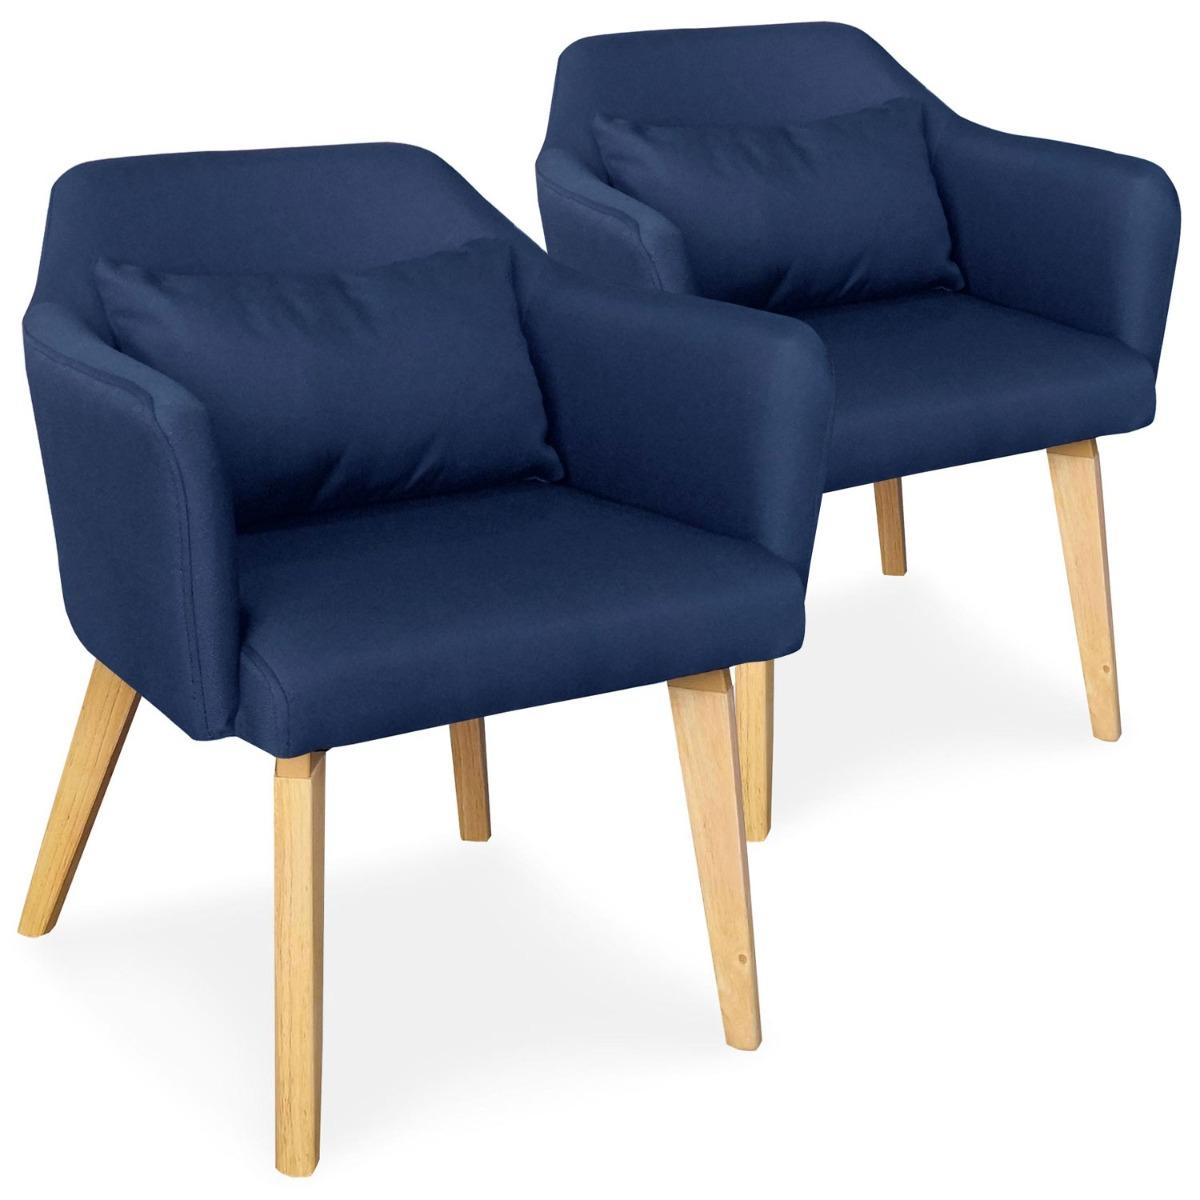 Lot de 2 chaises / fauteuils scandinaves Shaggy Tissu Bleu